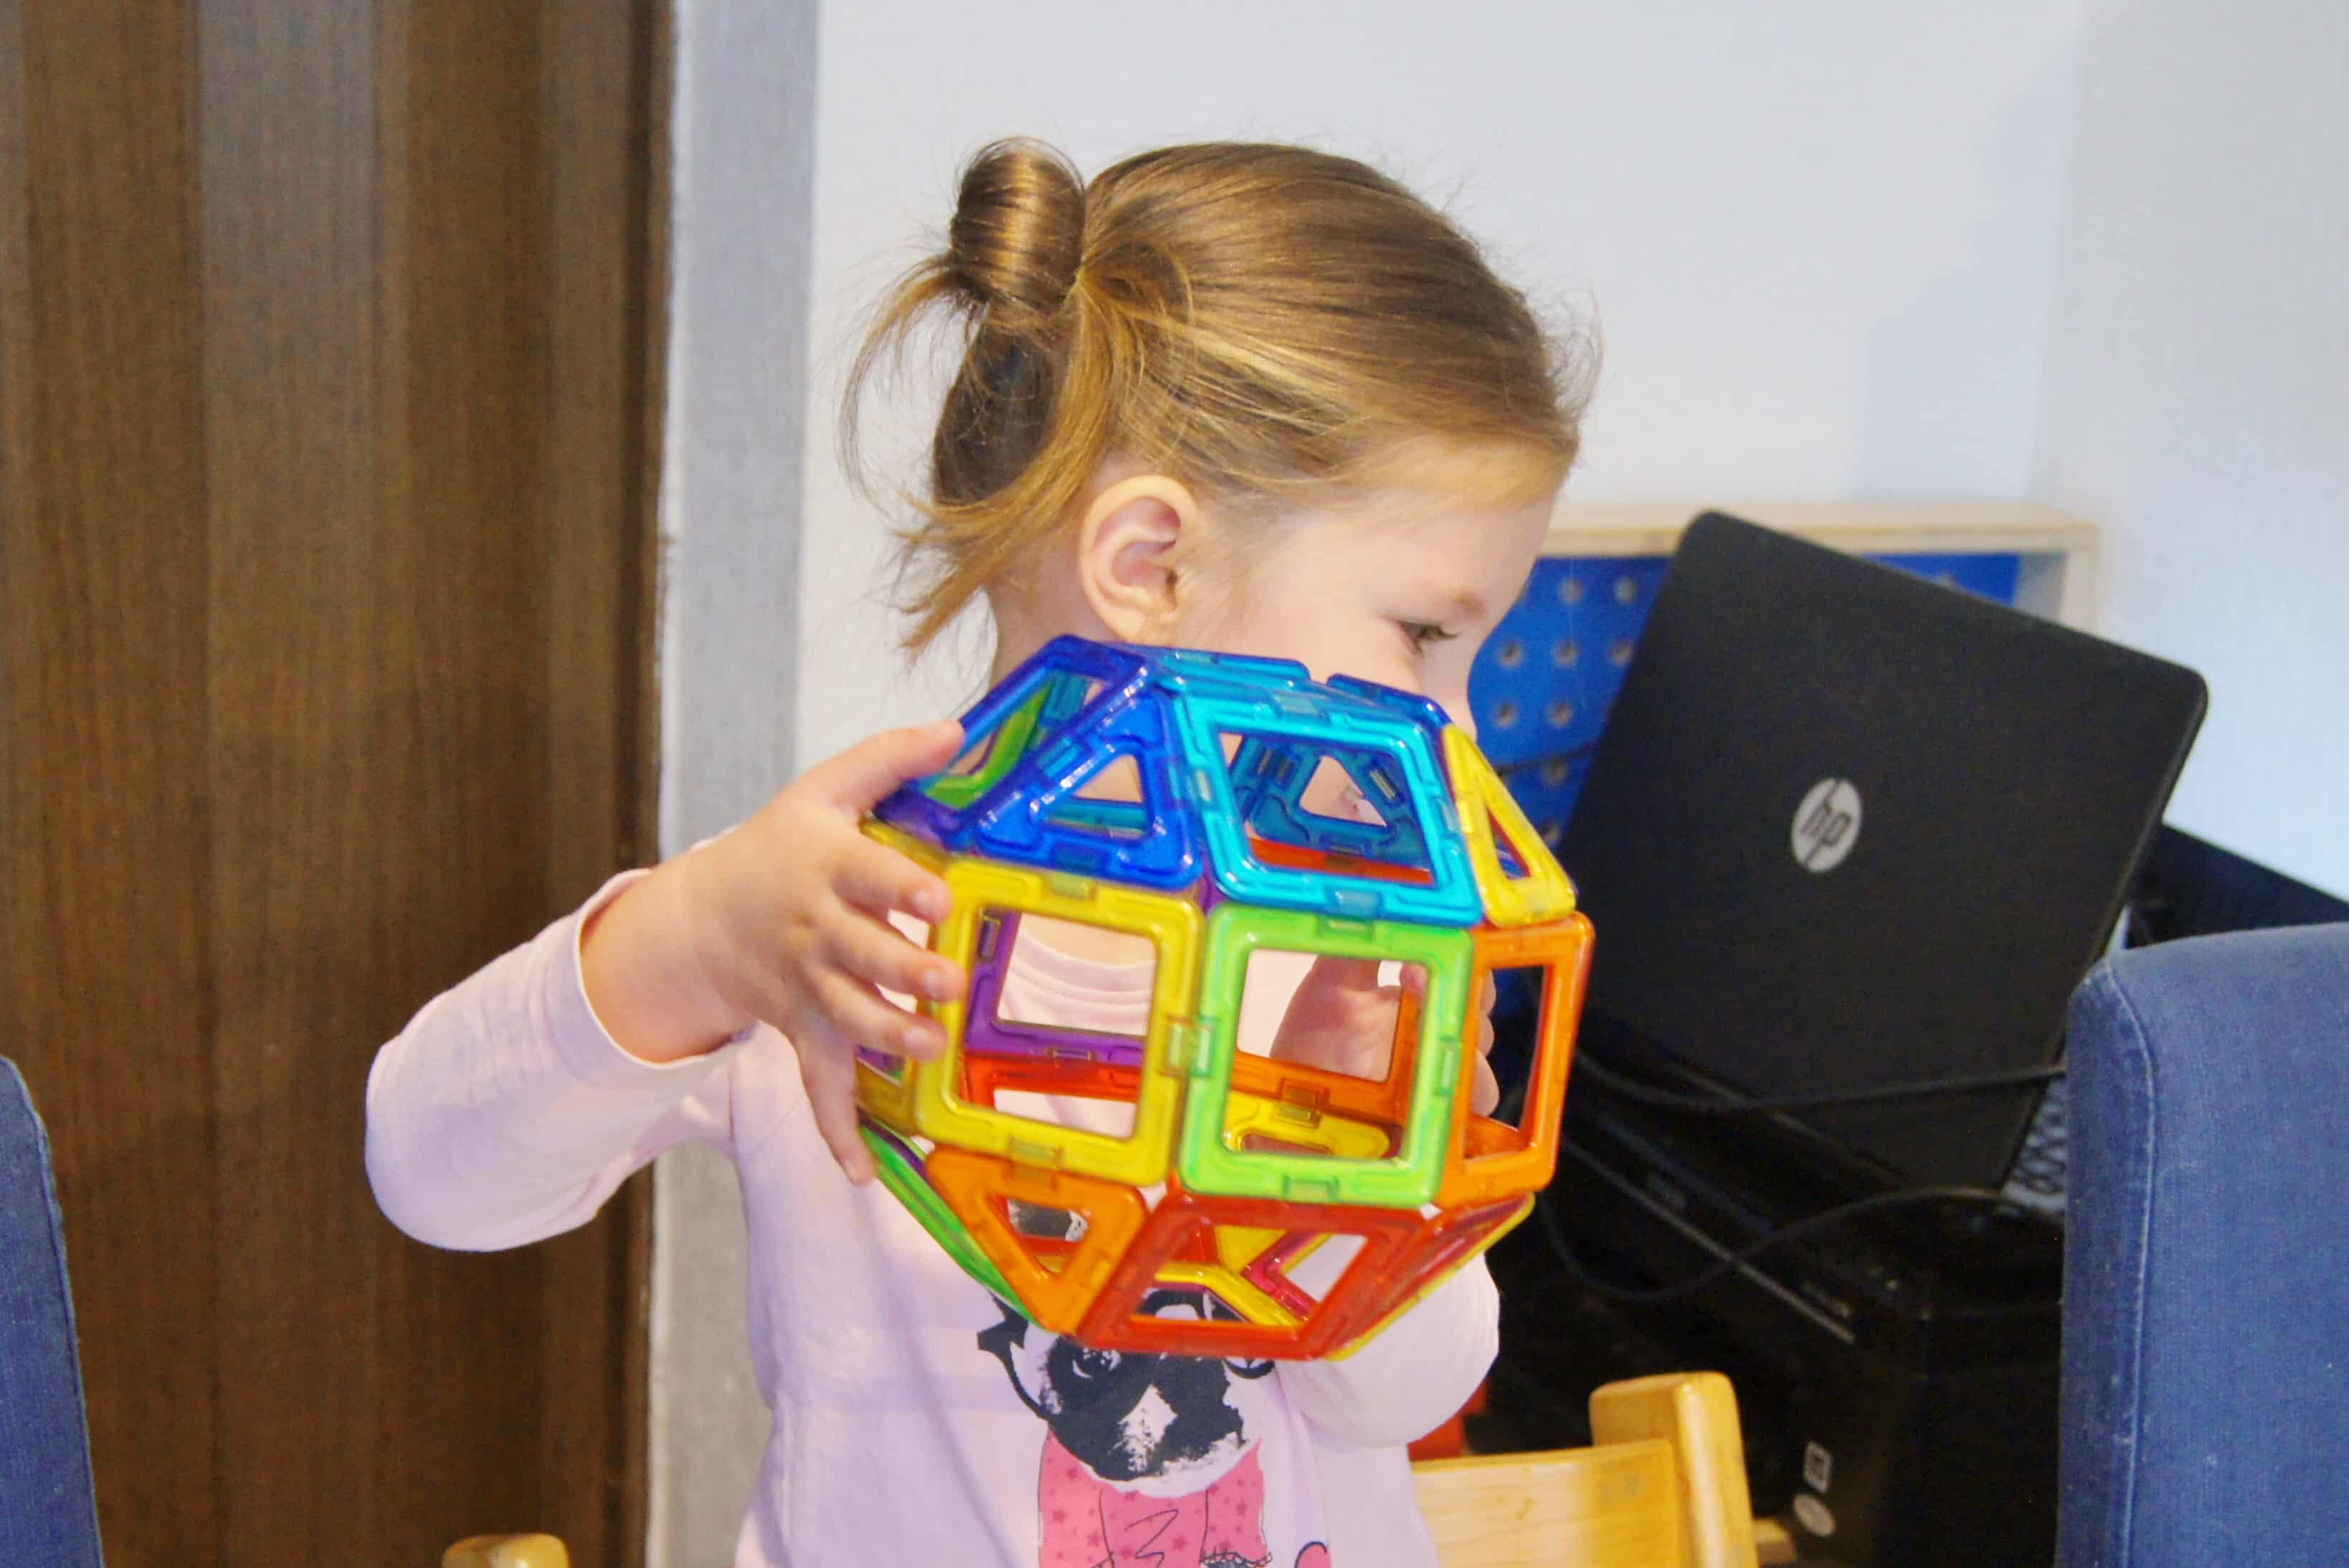 Review: Magformers voorbeelden van spelen ook voor baby's en peuters - Mamaliefde.nl